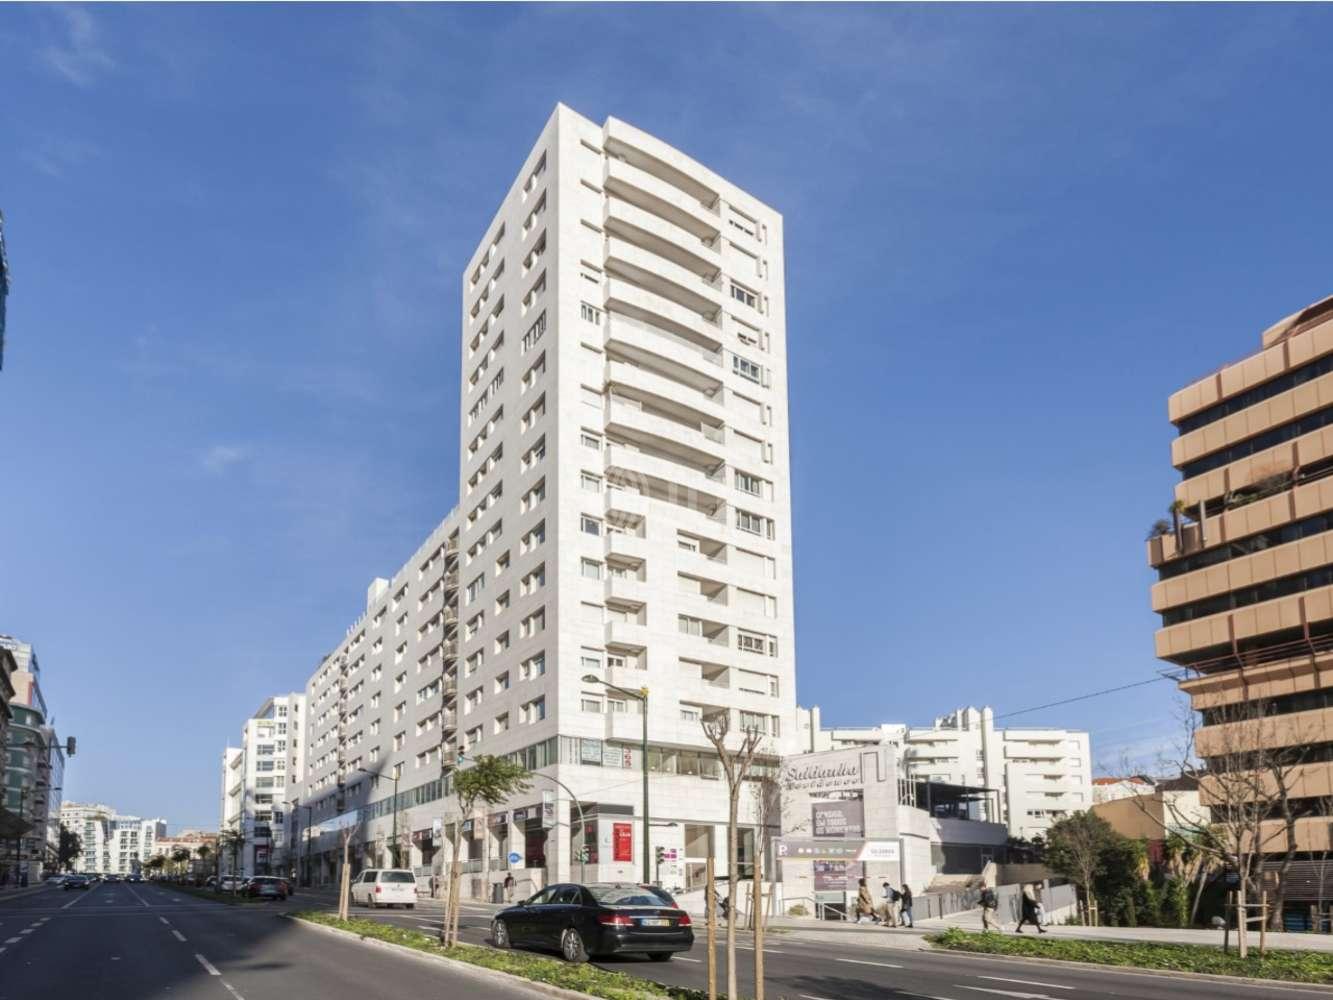 Centro comercial Lisboa,  - Saldanha Residence